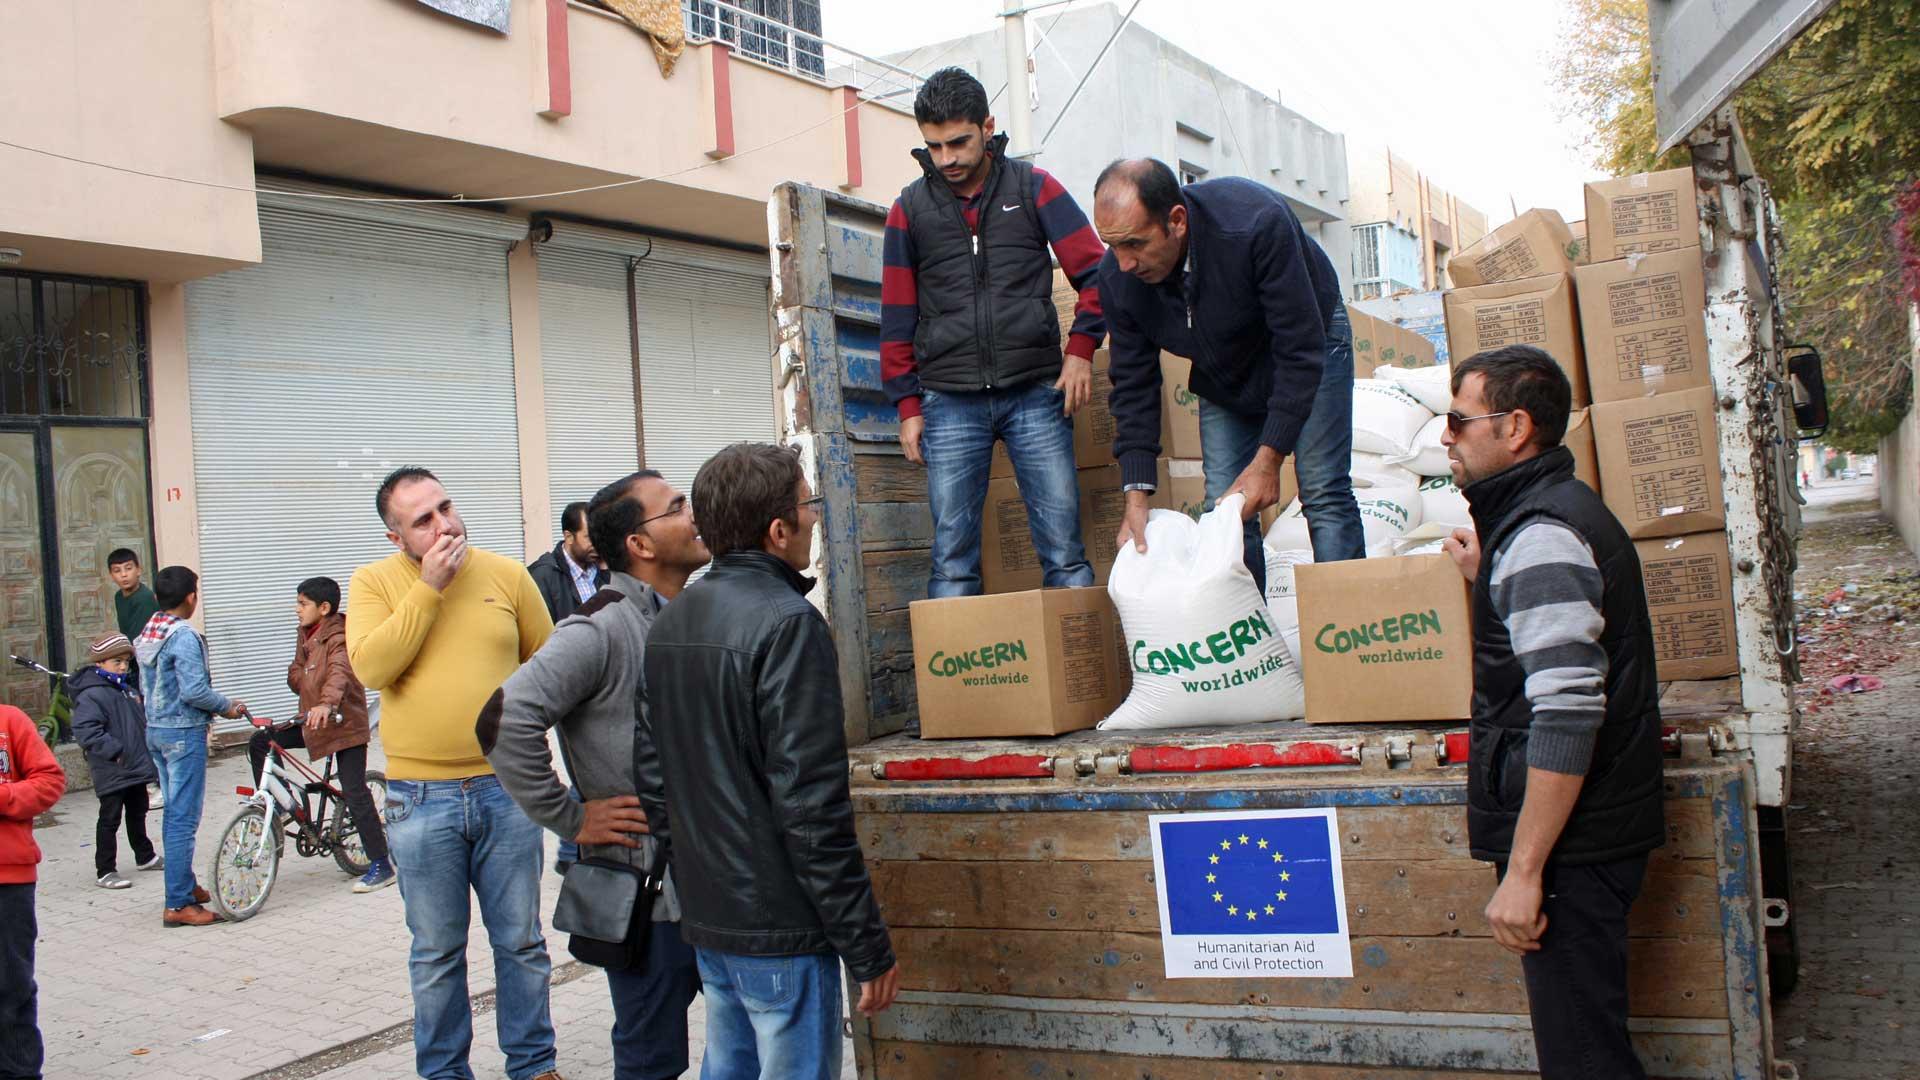 Hilfslieferung, die von einer Partnerorganisation des Europäischen Amts für humanitäre Hilfe (ECHO) an syrische Flüchtlinge in der Stadt Suruç im Südosten der Türkei verteilt wird